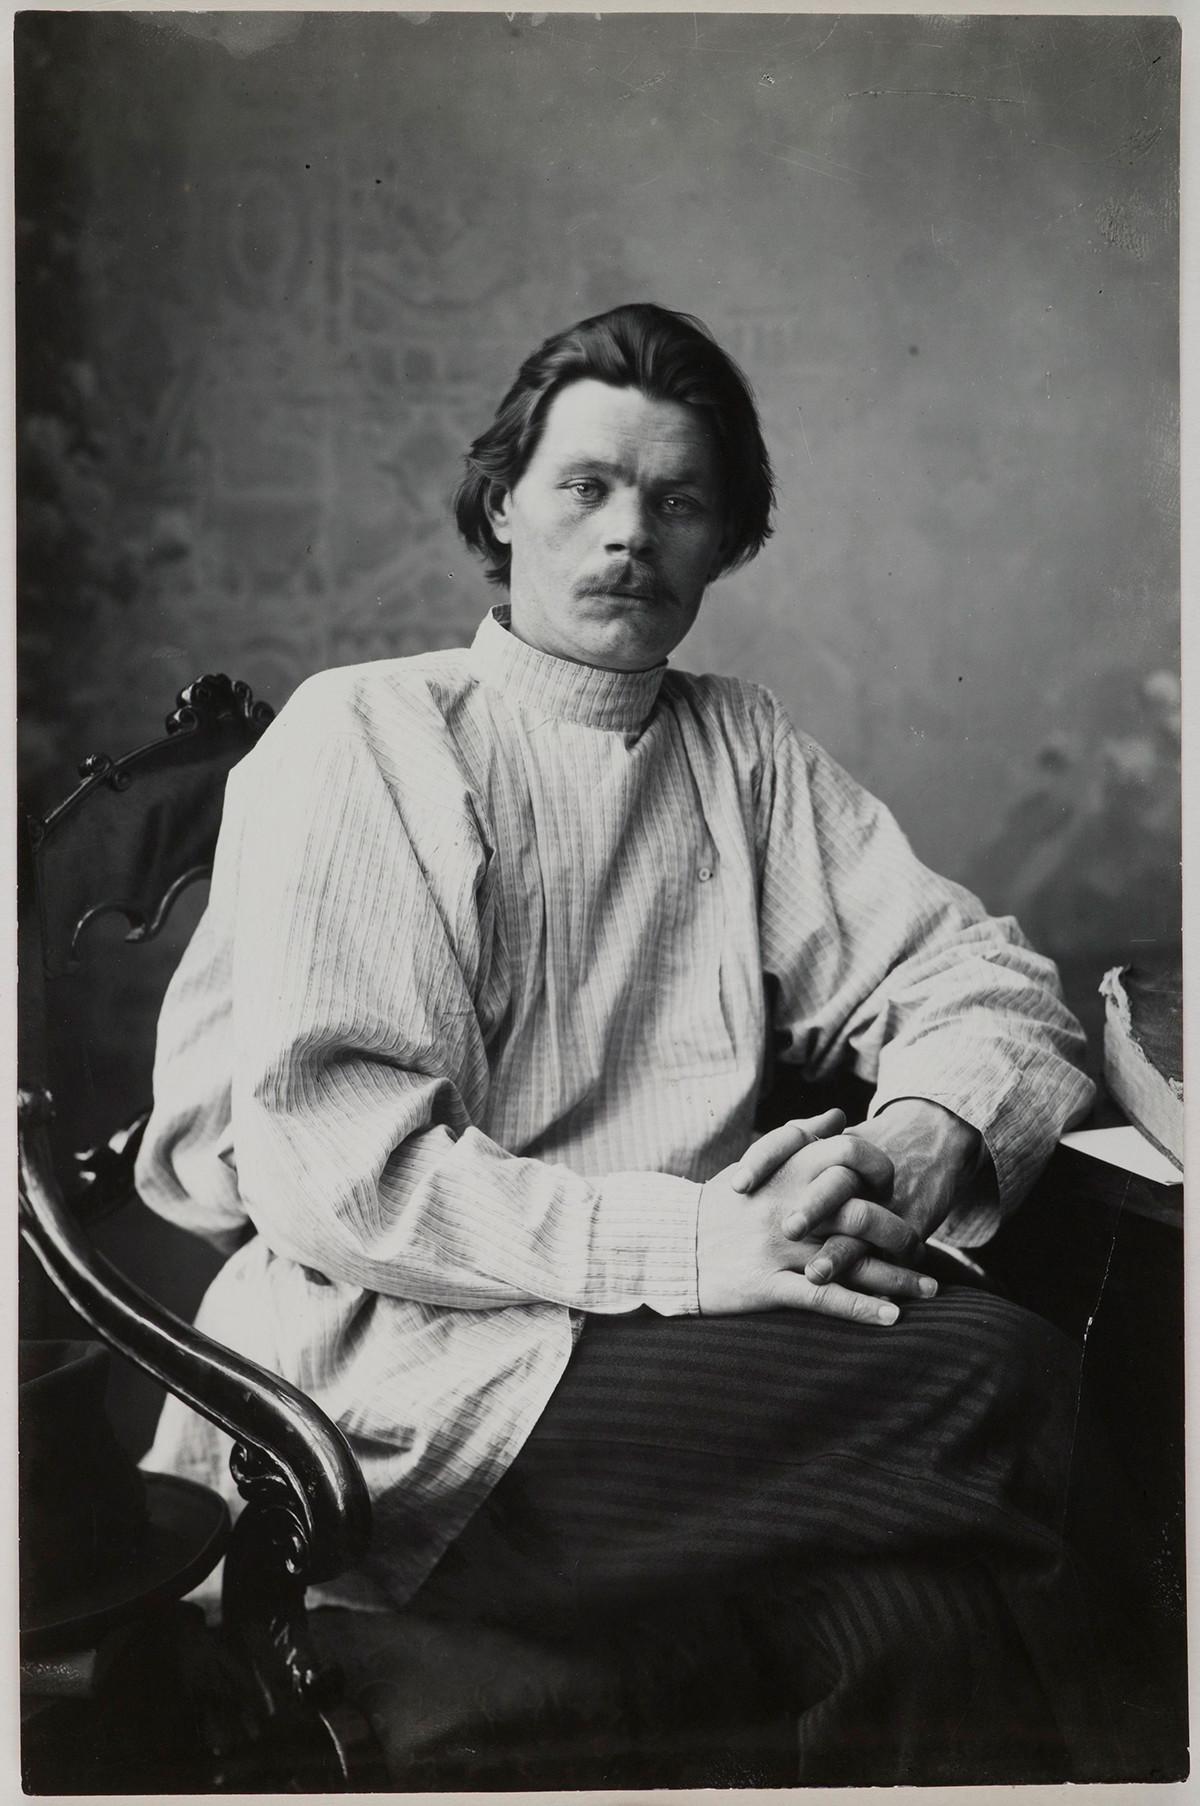 作家のマクシム・ゴーリキー